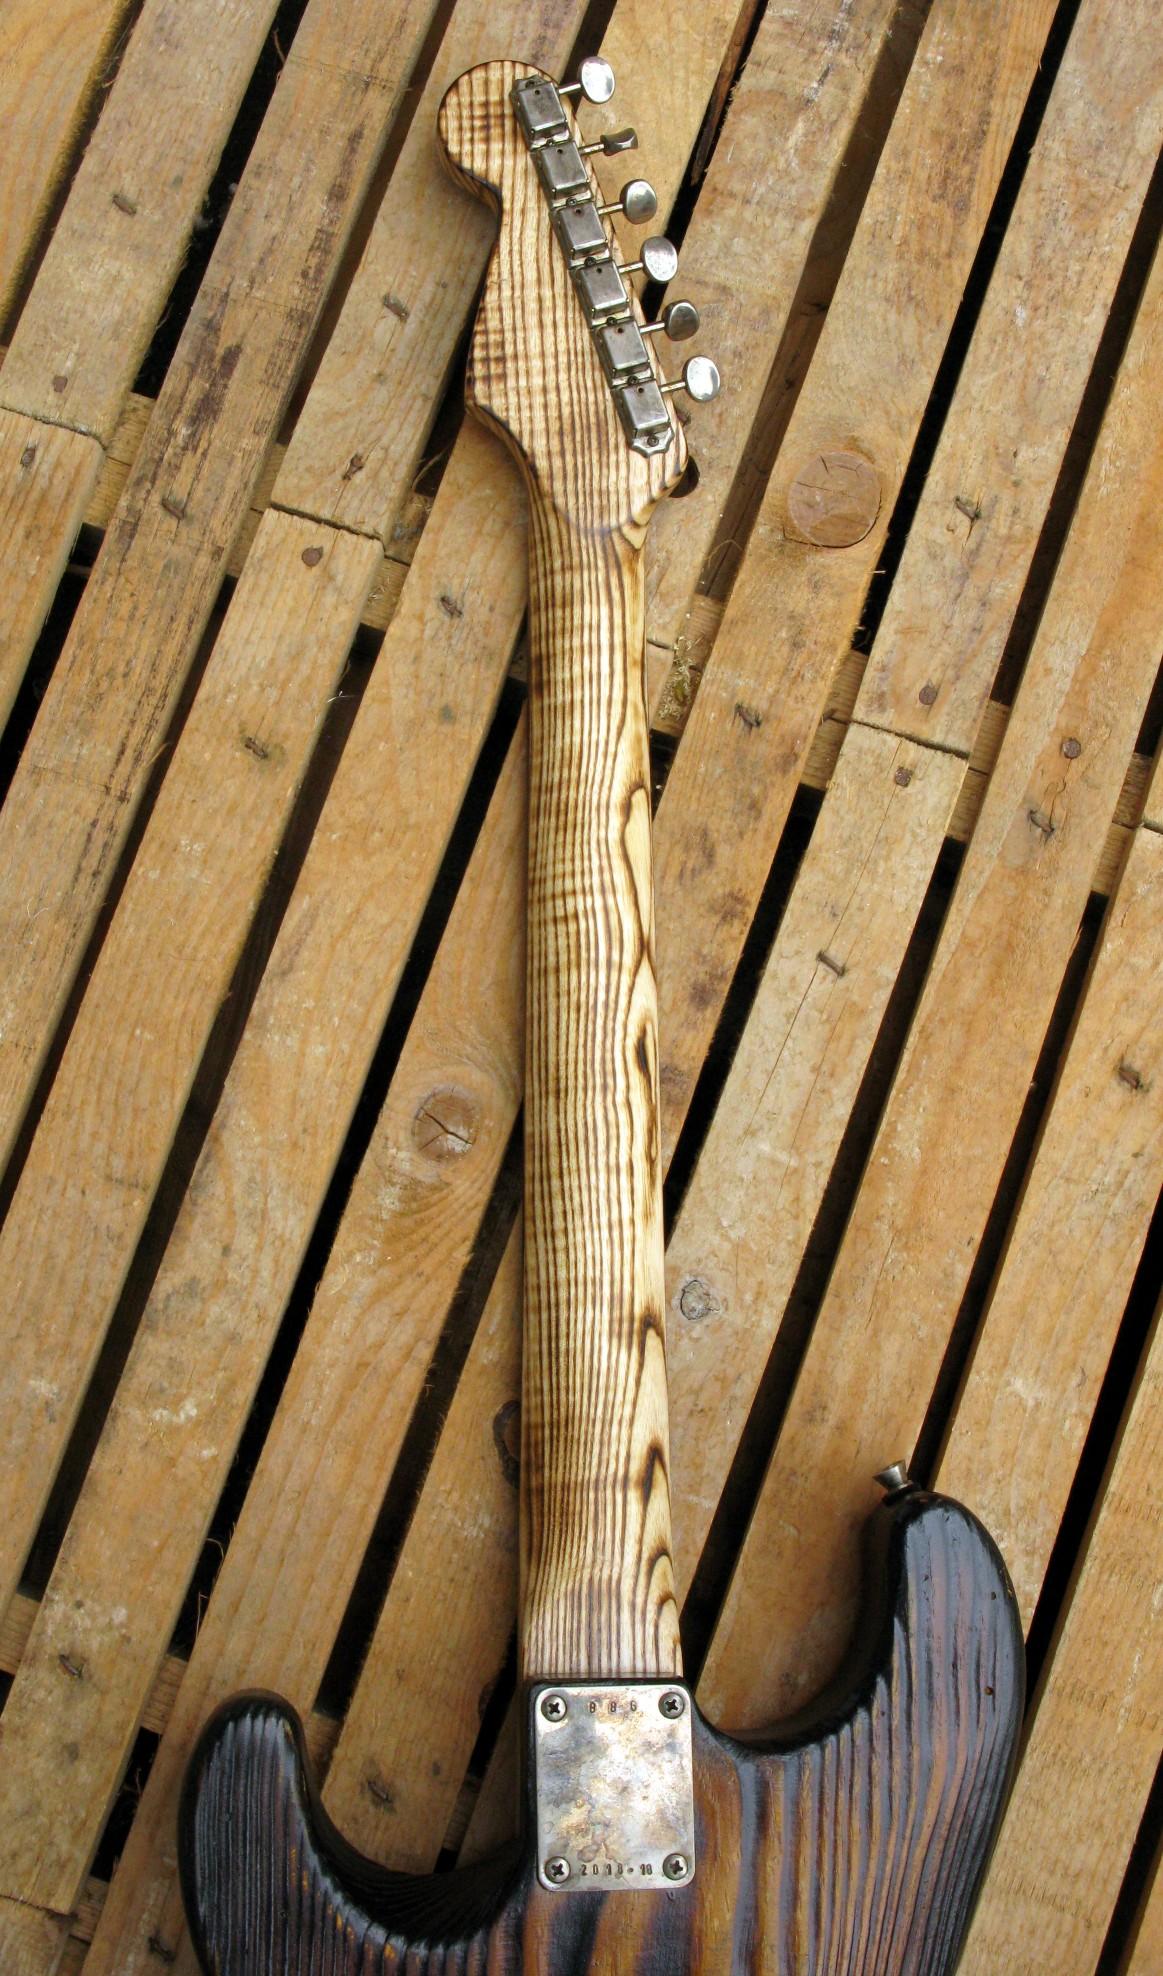 Retro manico in frassino di una chitarra elettrica Stratocaster in pino